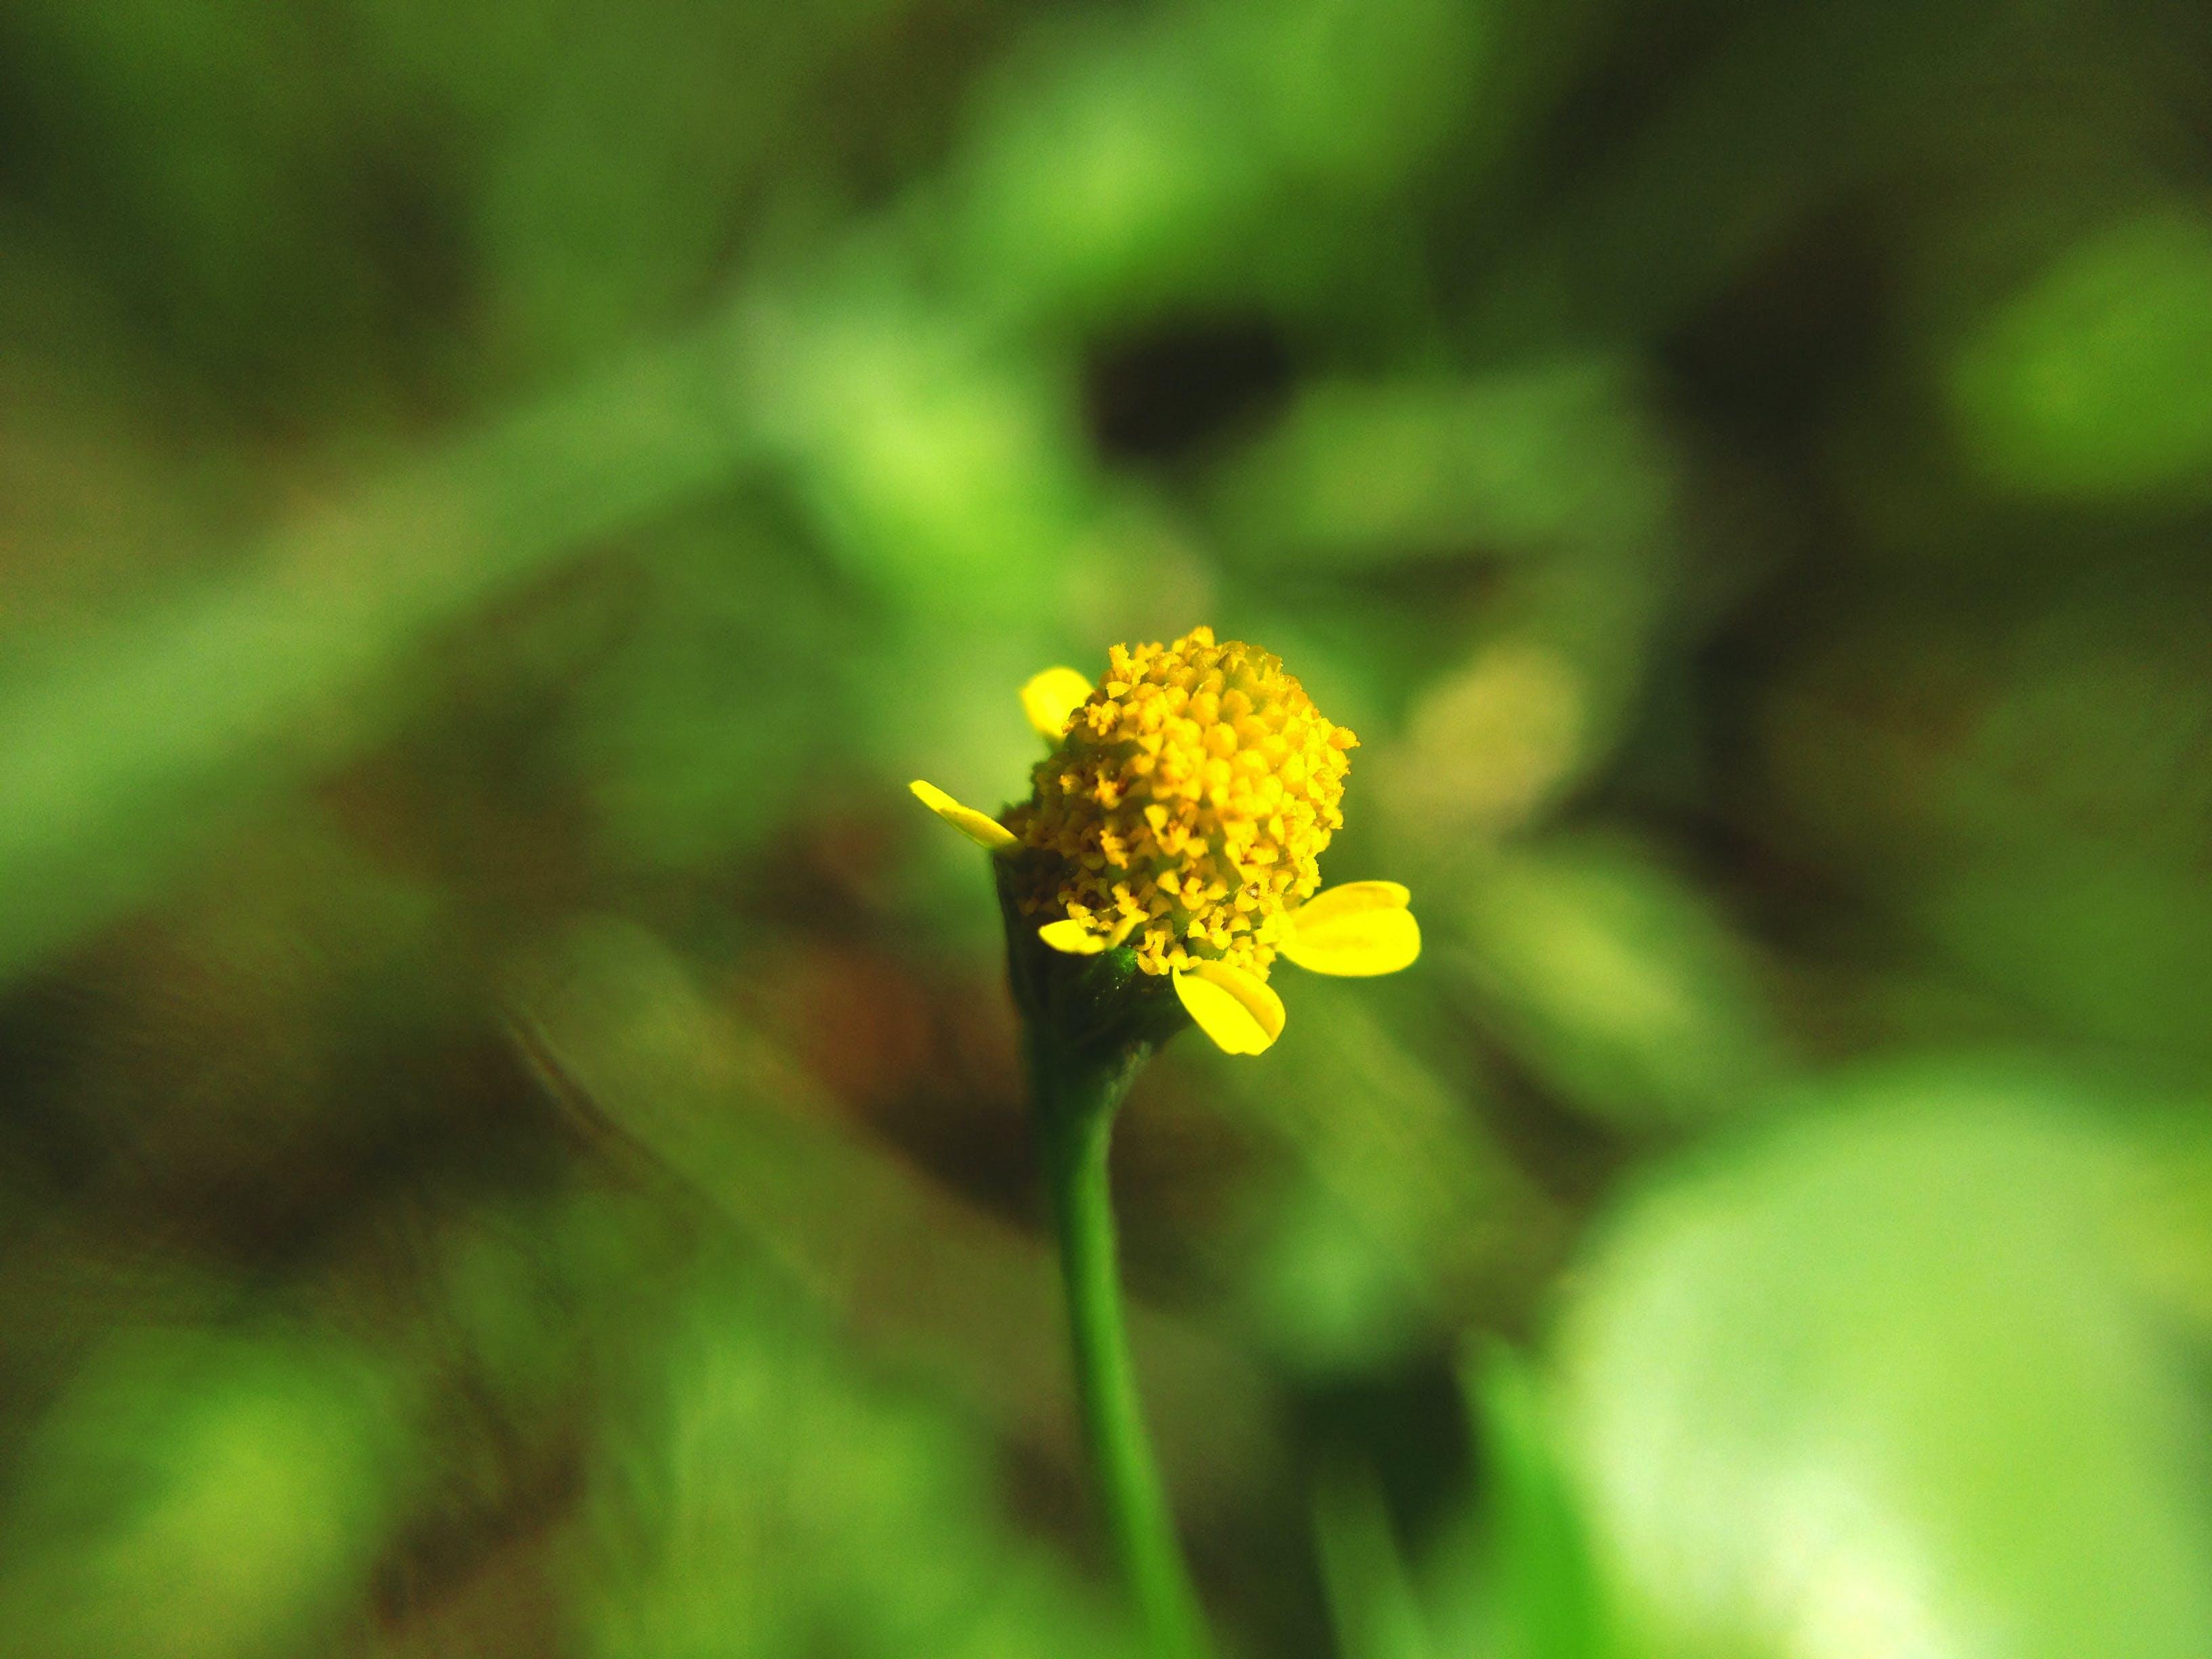 Kostenloses Stock Foto zu blume, gelb, gelbe blume, grün